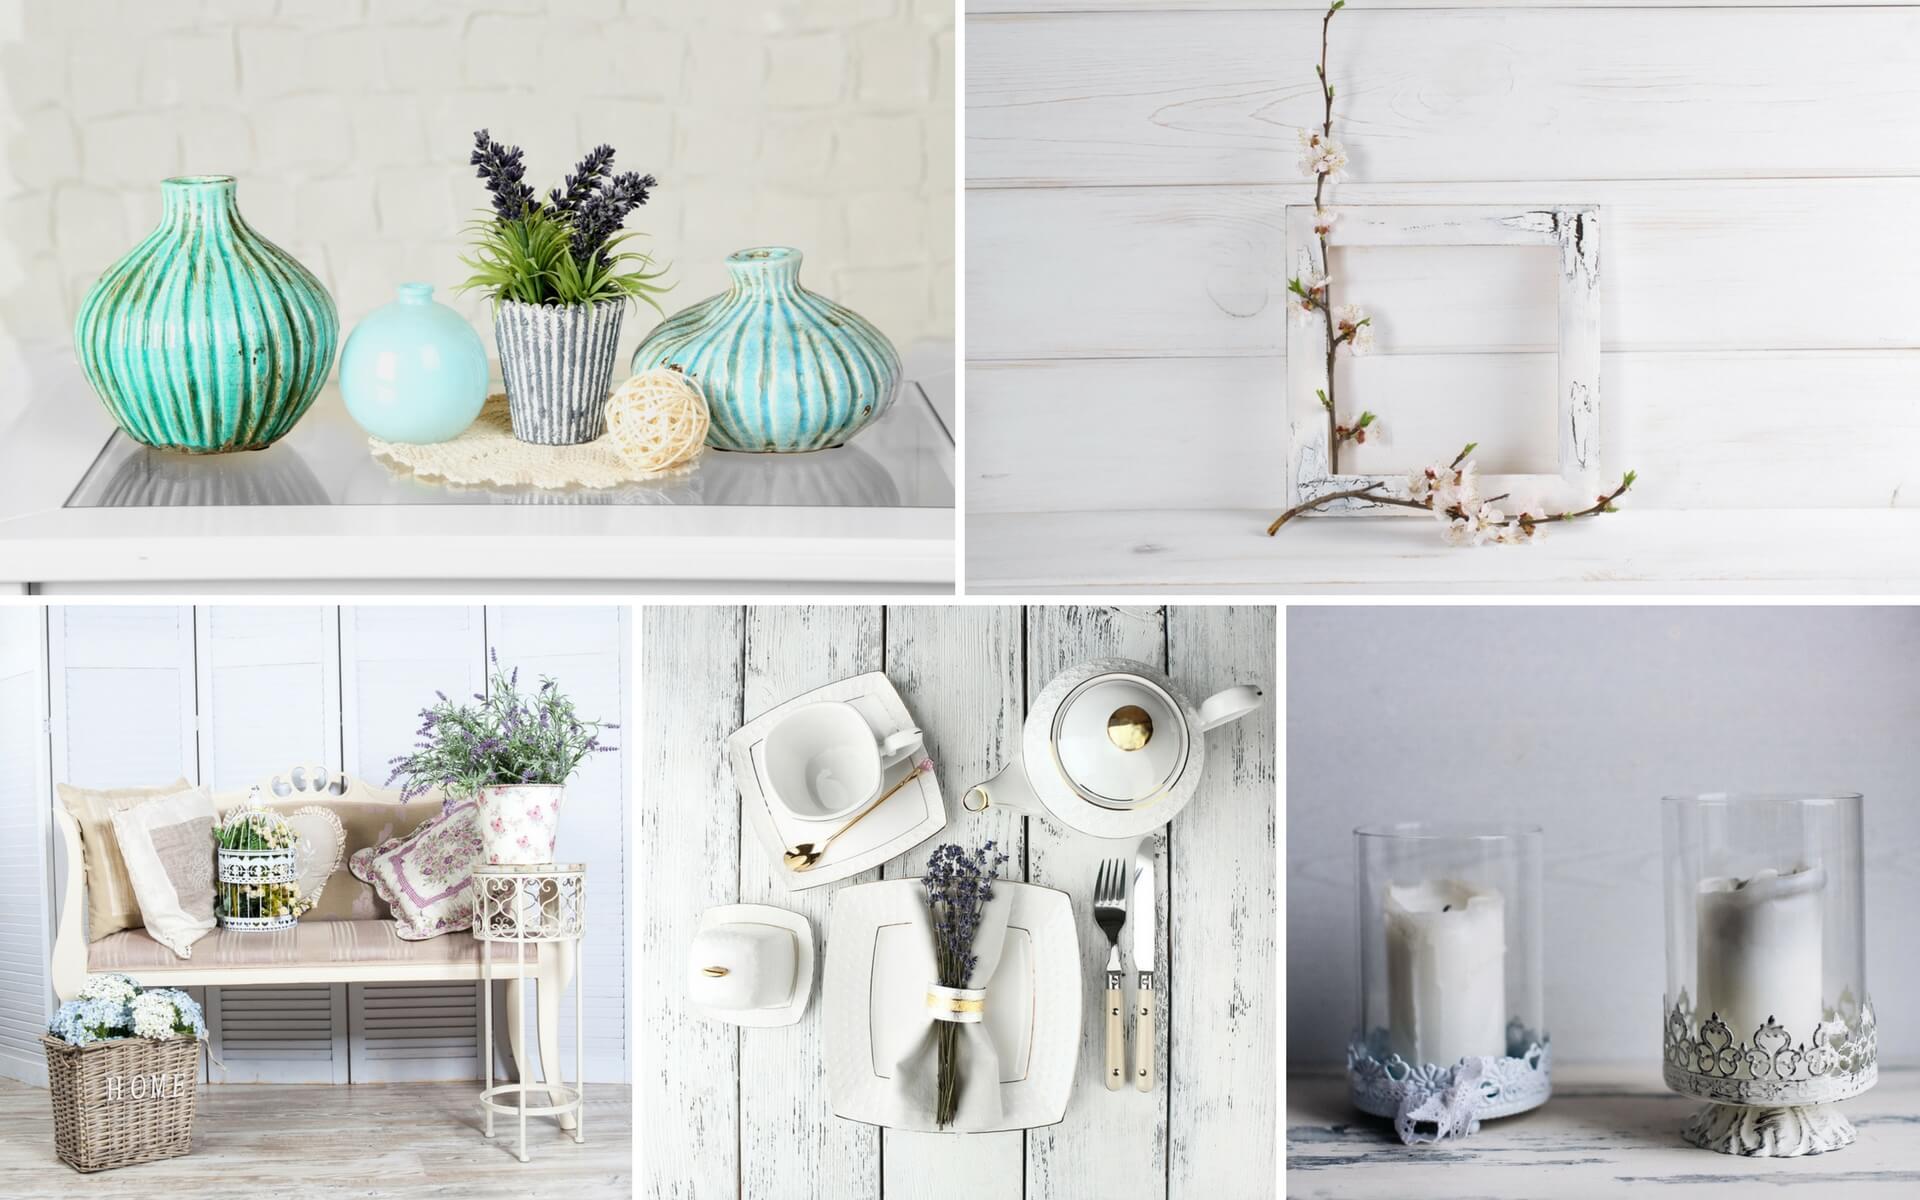 Oggetti decorativi e accessori per una casa in stile provenzale